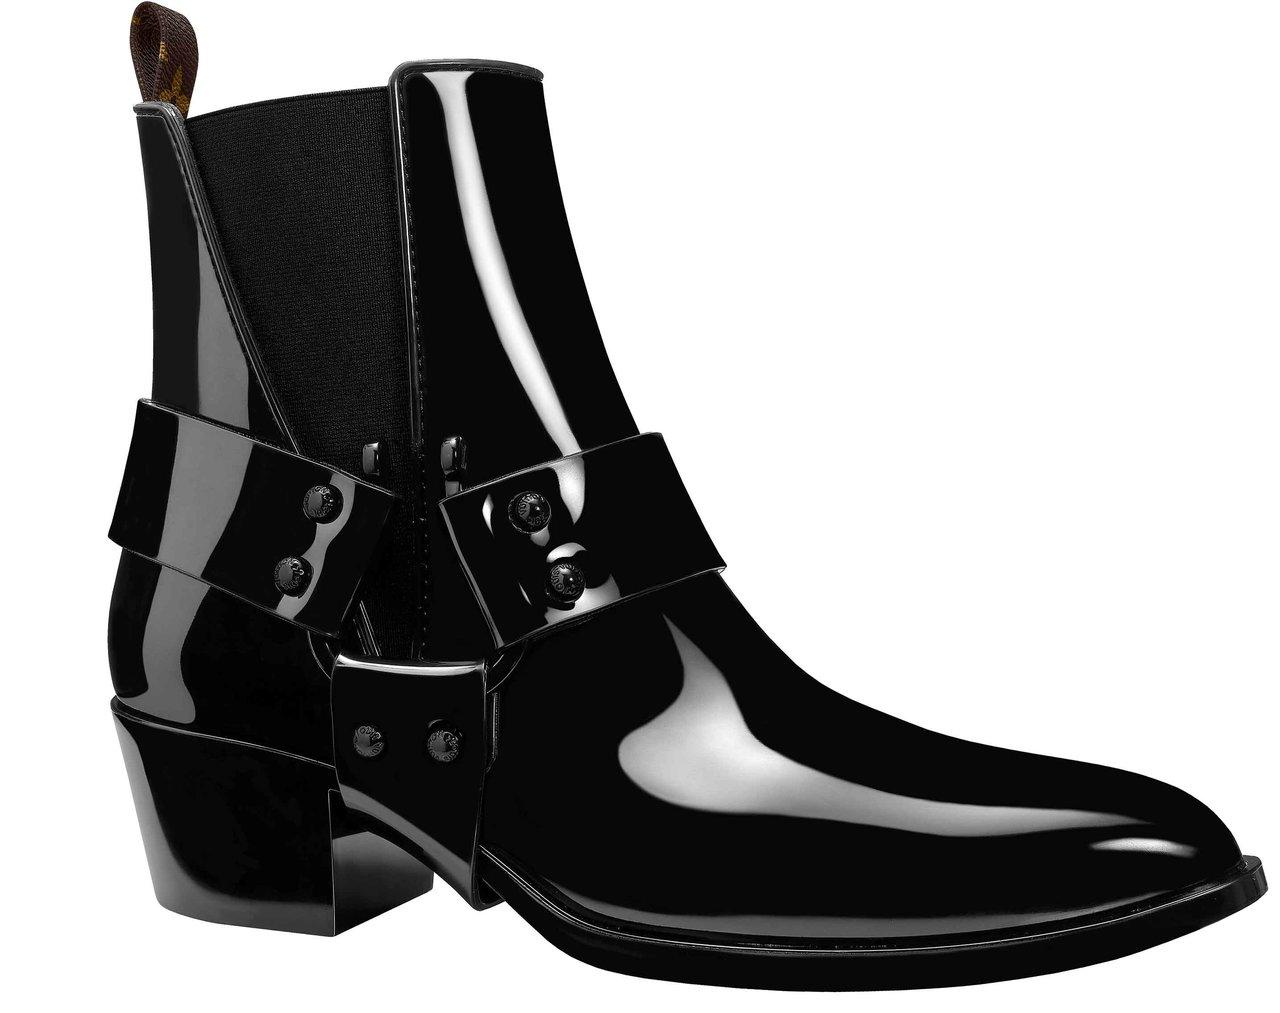 「ラプソディー アンクルブーツ」は、艶やかなラバーが上品な一足。ハーネスのリング部分がホースシューモチーフになっているのが見逃せない。カラーはブラックのみ。